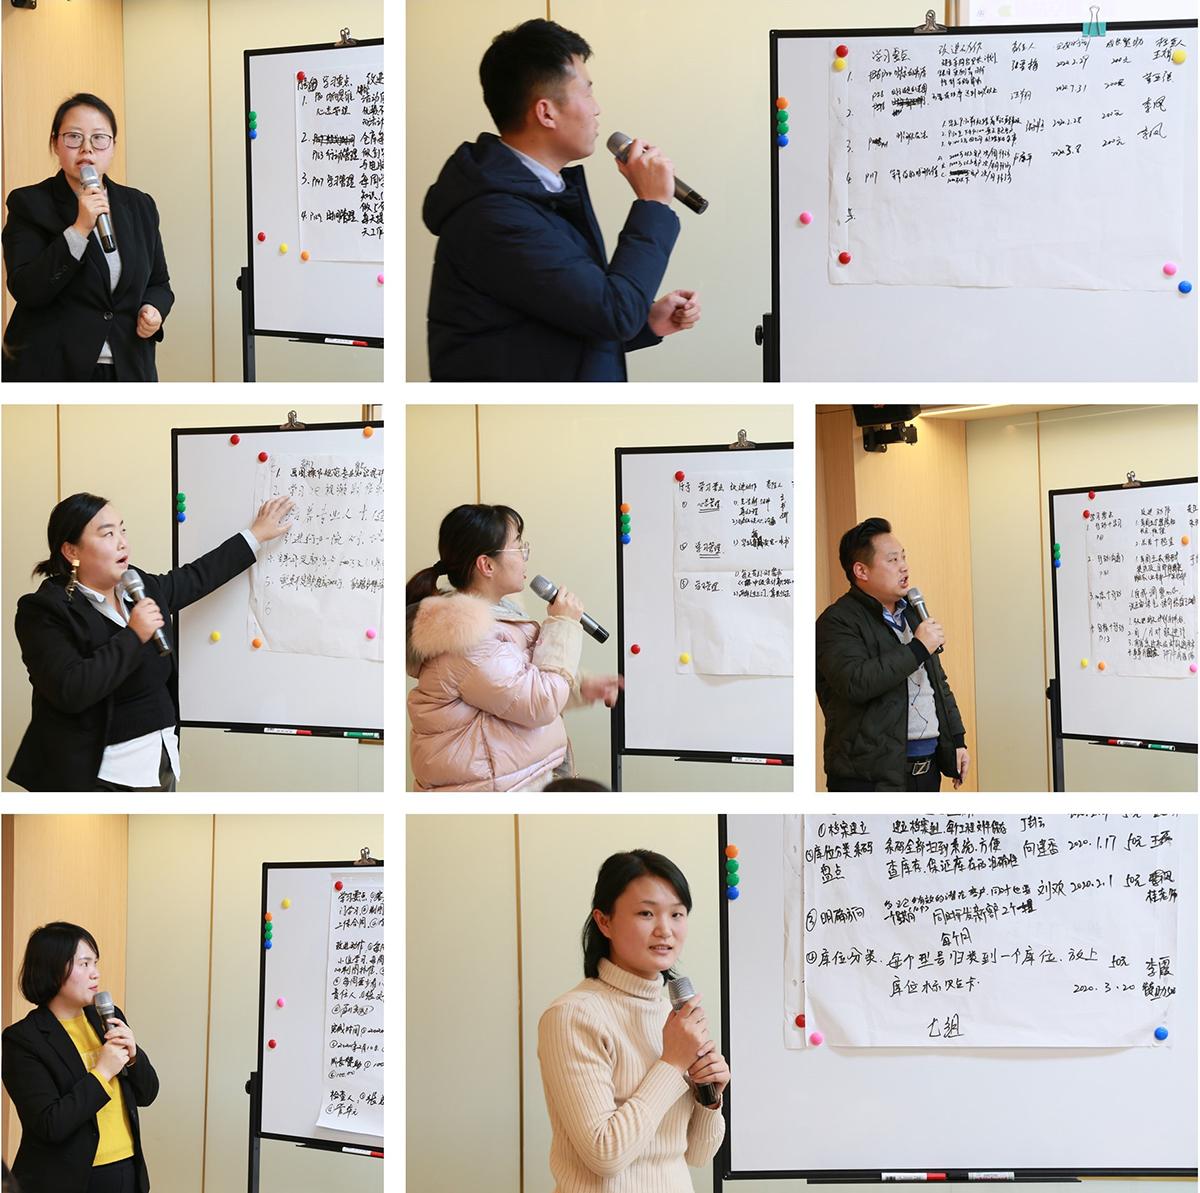 上海协格新万博全站app下载工程有限公司第二届读书会